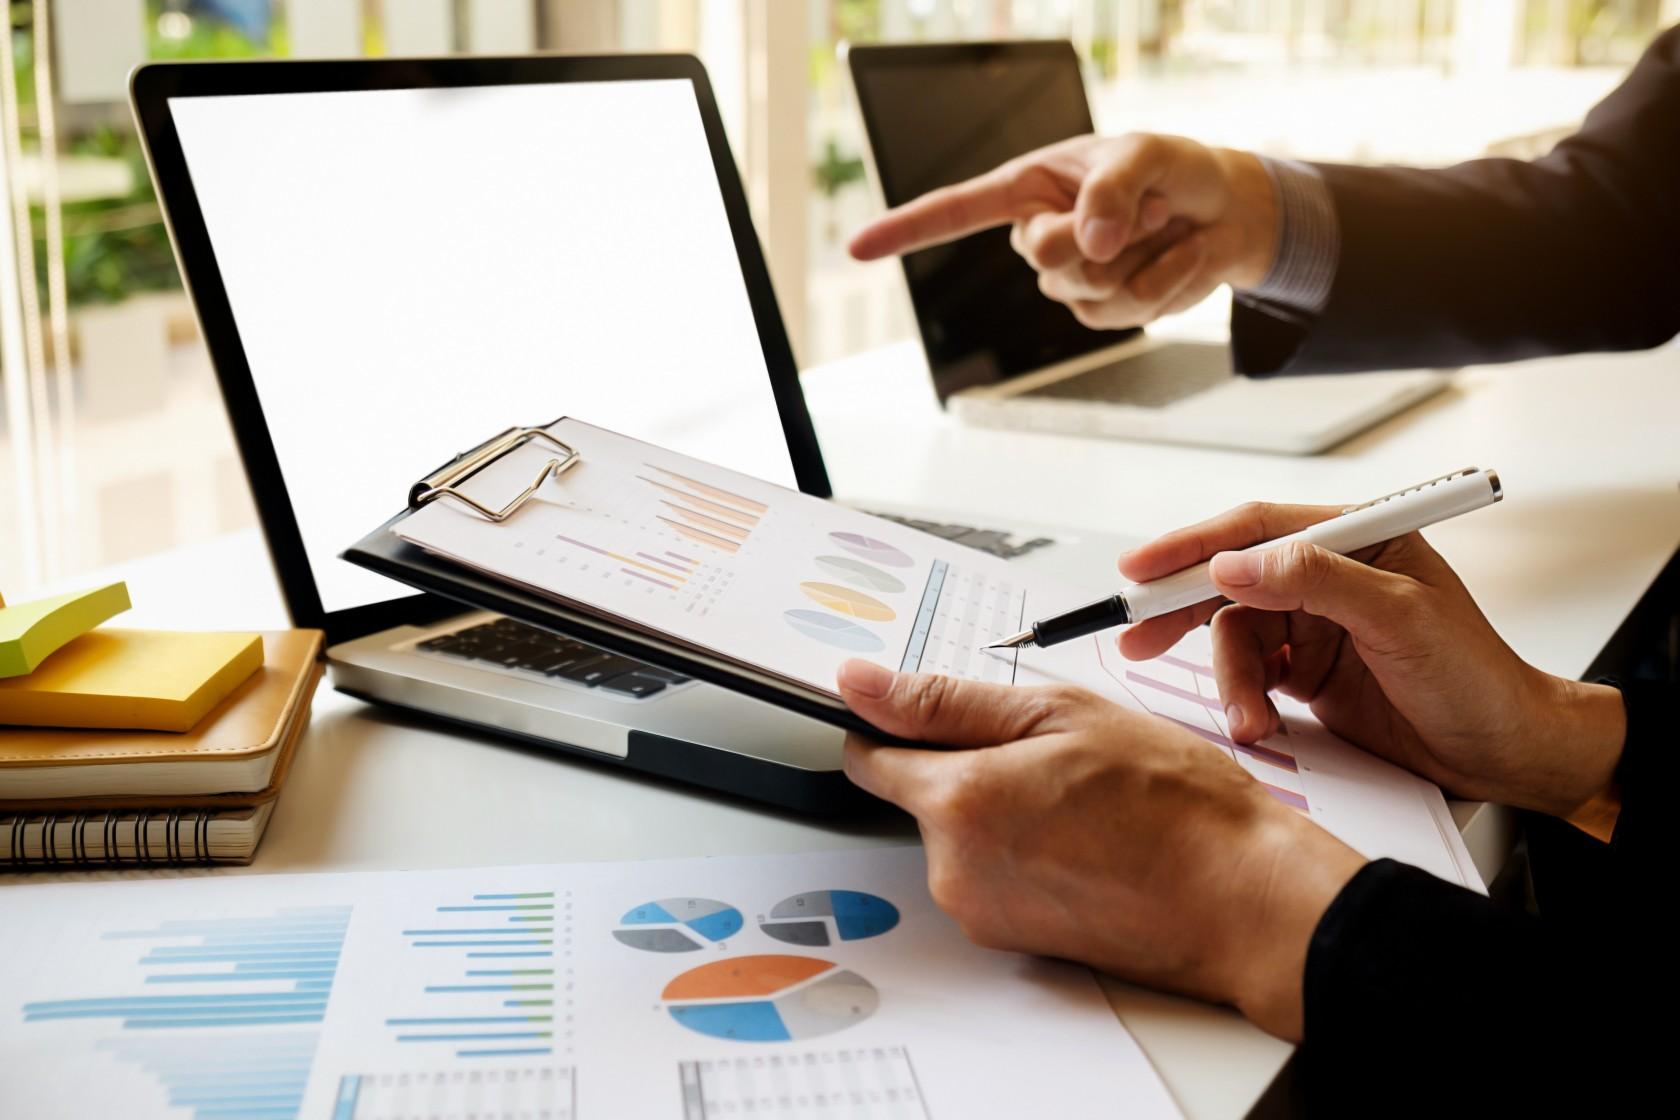 Aktualność - Wykaz zmian podatkowych obowiązujących od 1 stycznia 2020r